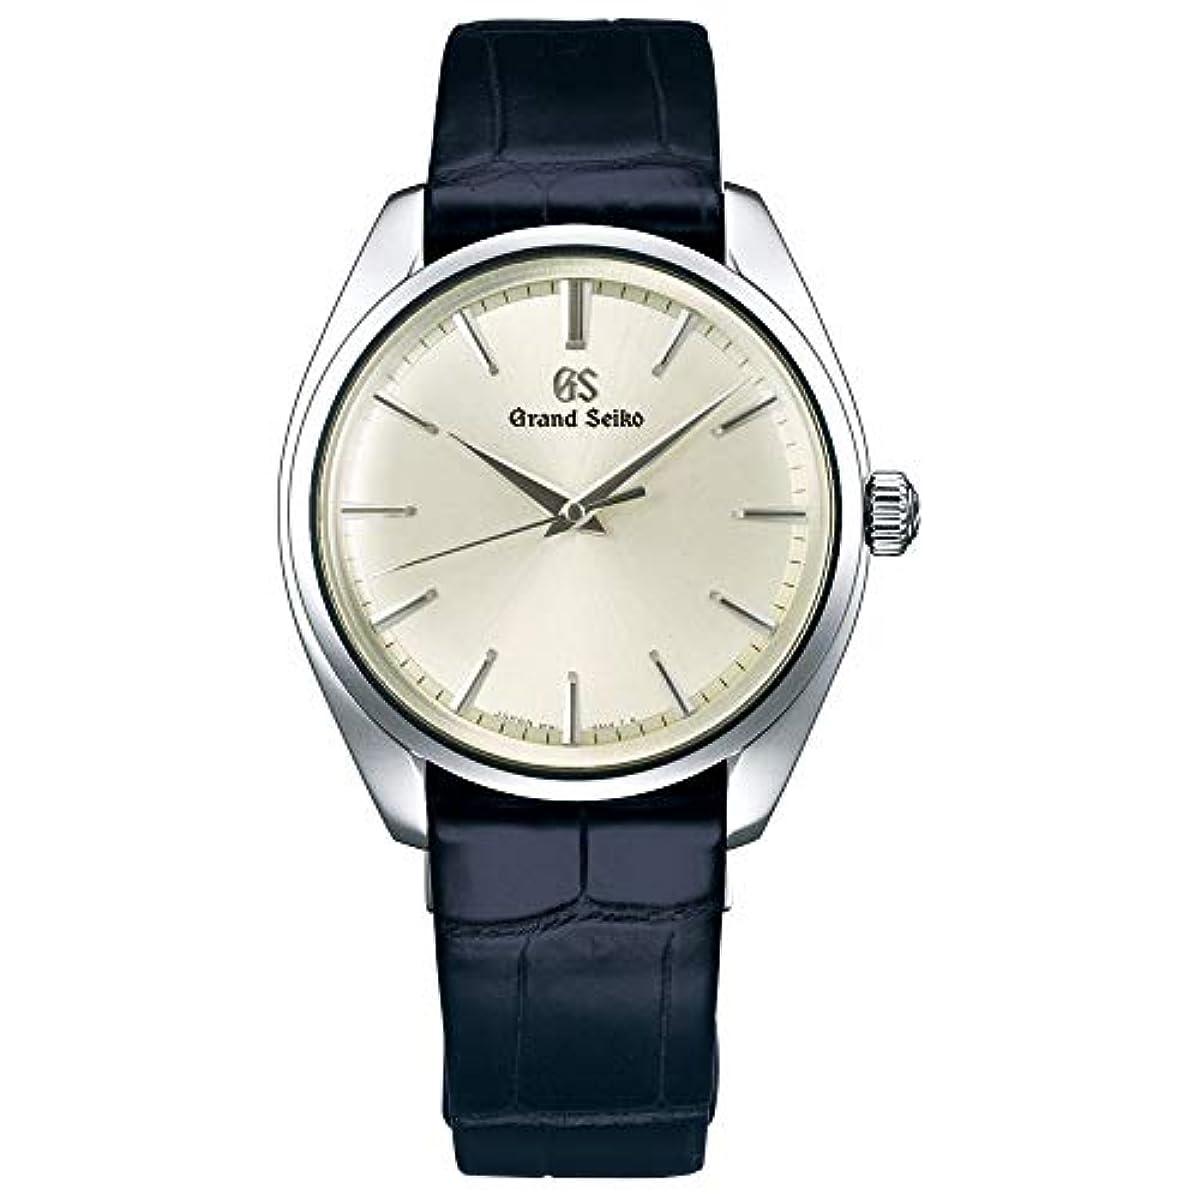 [해외] 그랜드 세이코GRAND SEIKO 손목시계 페어 모델 맨즈 엘레강스 ELEGANCE COLLECTION SBGX331